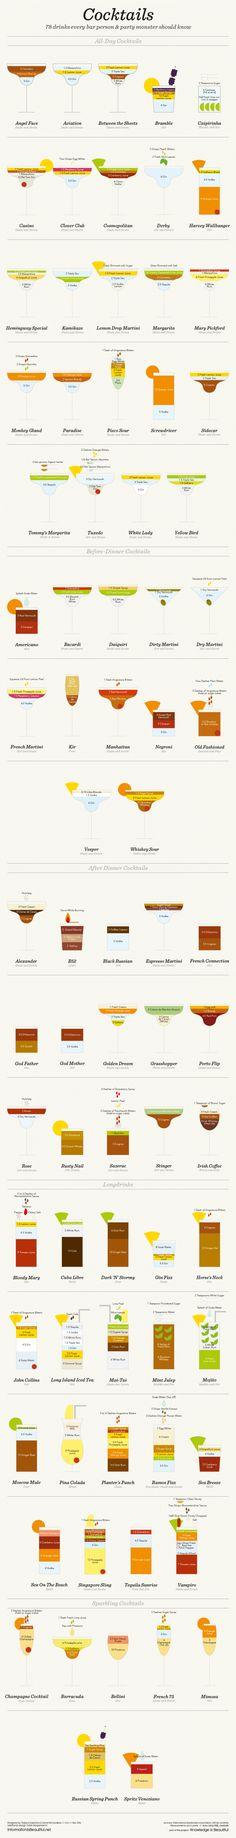 78 cocktailrecepten in één fraaie visuele poster